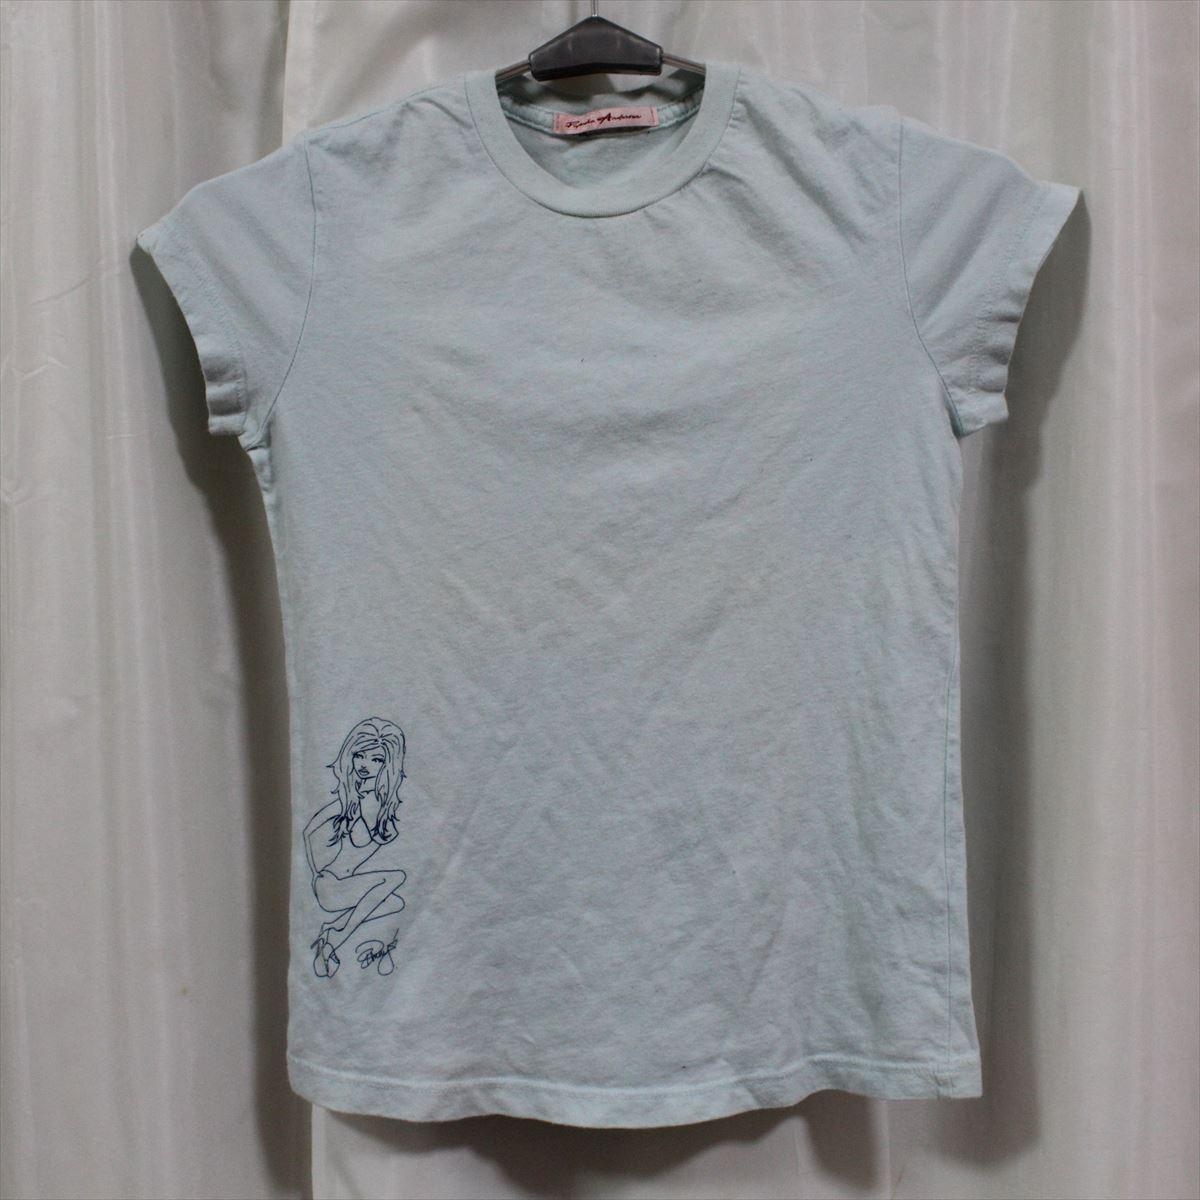 パメラアンダーソン Pamera Anderson レディース半袖Tシャツ ライトブルー Sサイズ アウトレット 新品_画像1